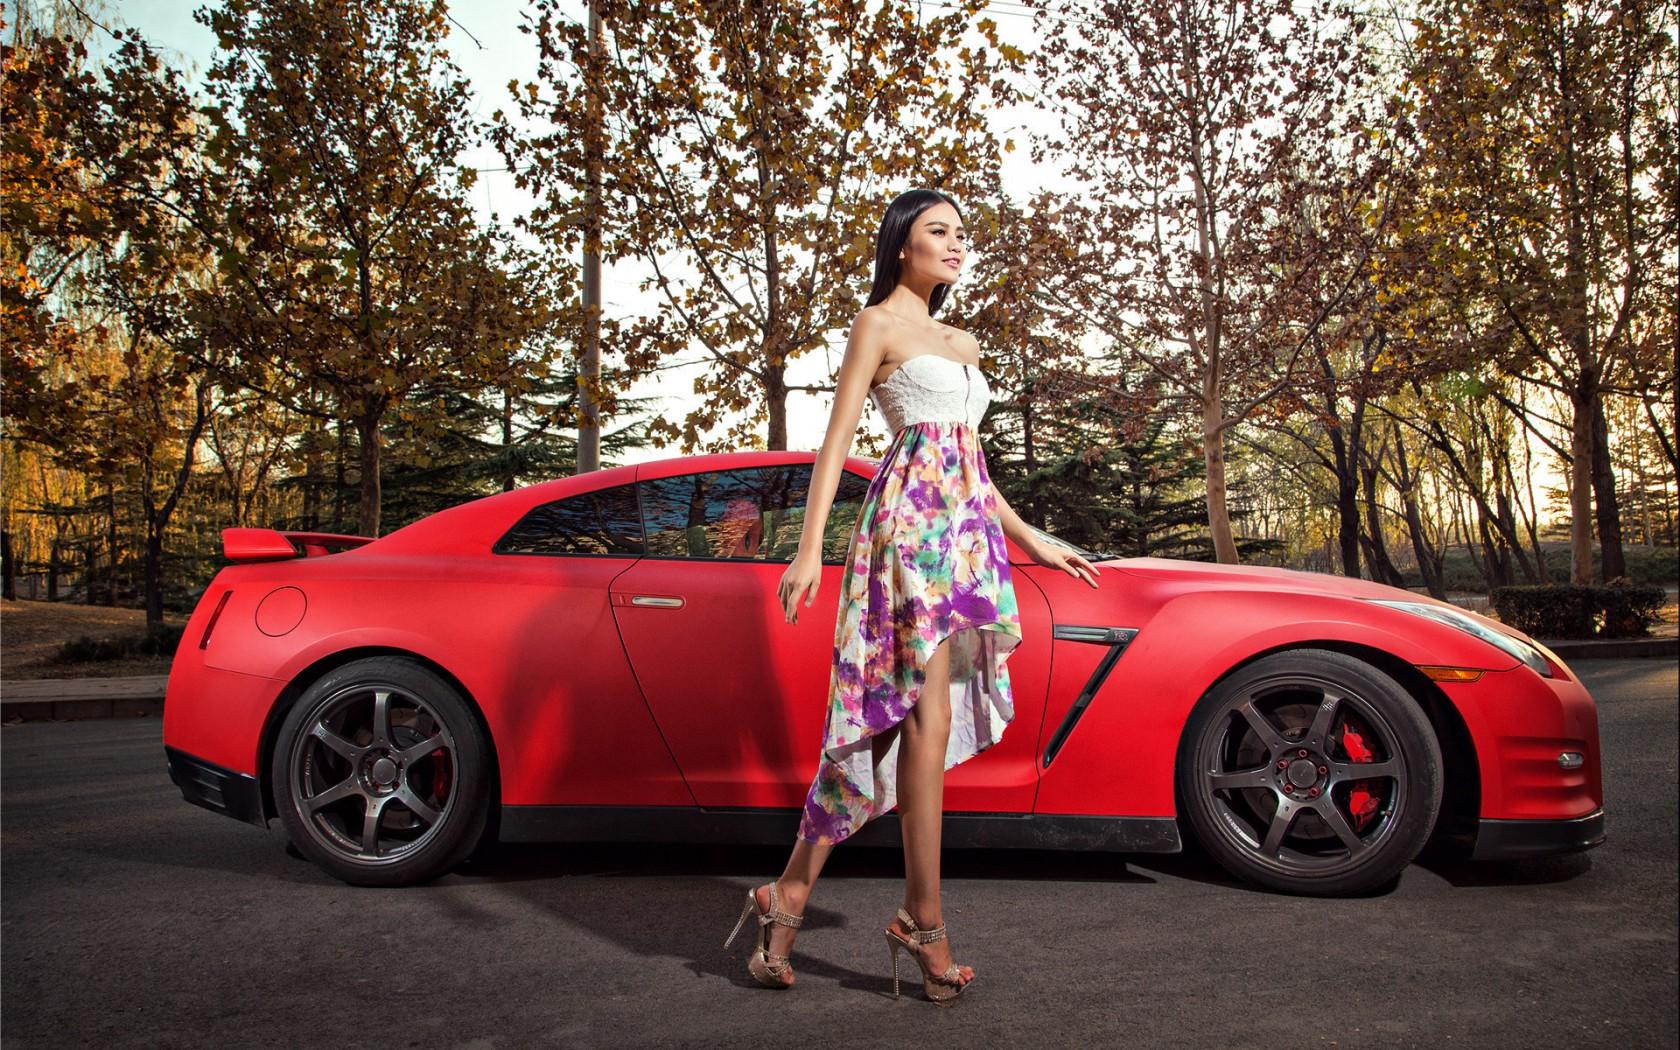 دختر آسیایی کنار ماشین نیسان قرمز جی آر تی